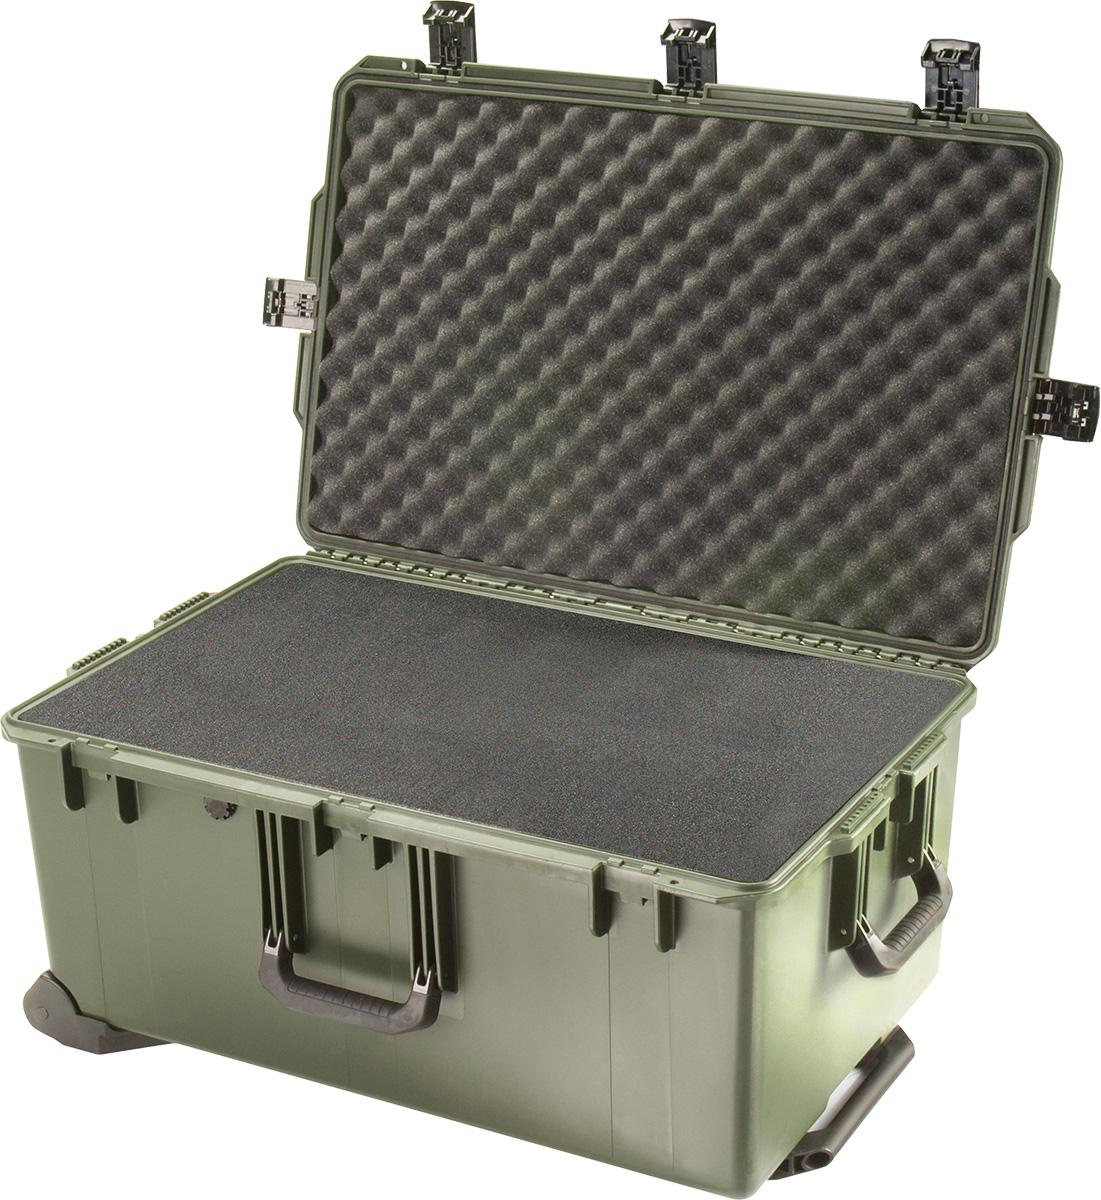 pelican im2975 green foam waterproof case